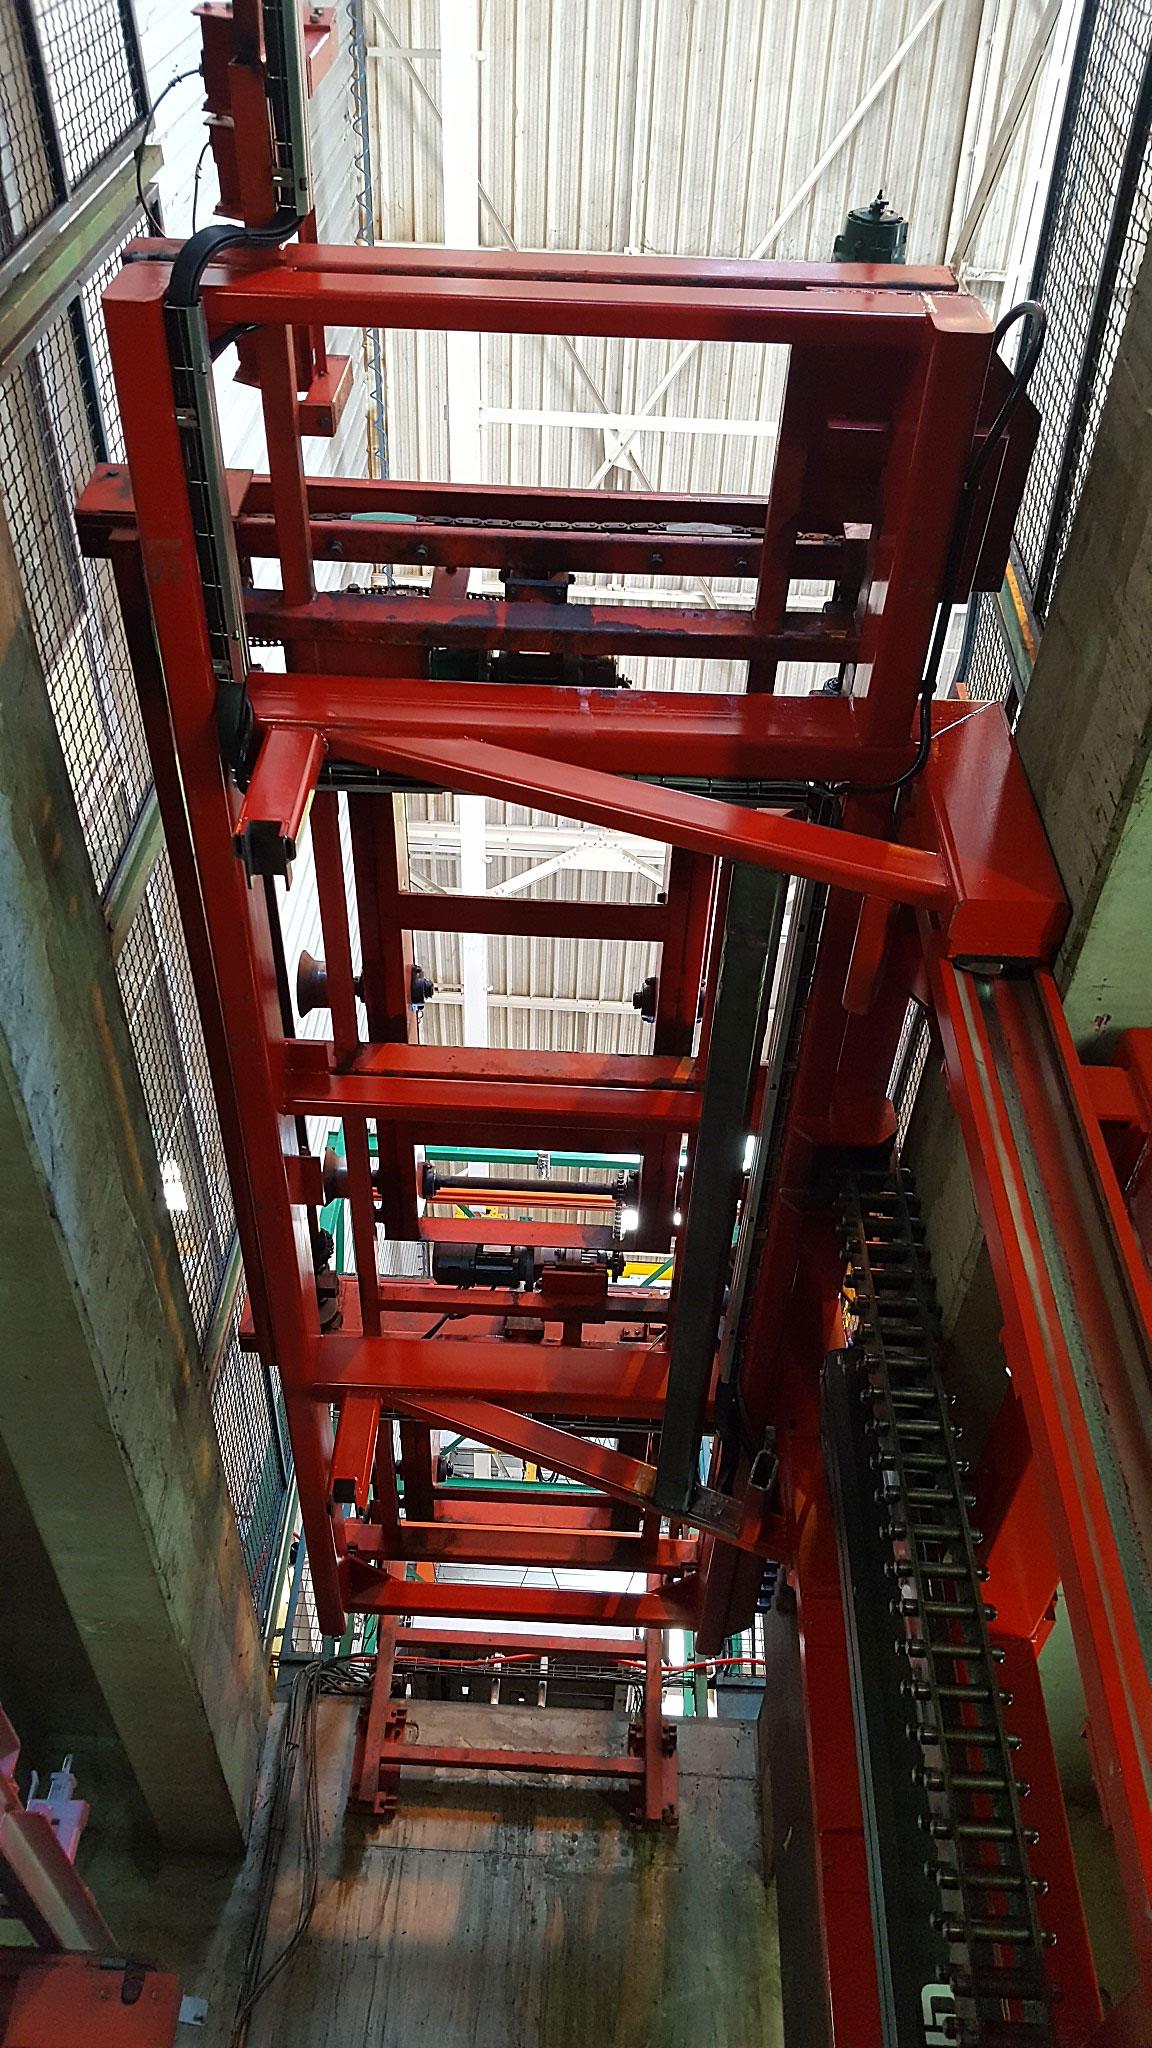 élévateur, ergonomie, manutention, élévateur à chaînes, élévateur à chaînes pousseuses